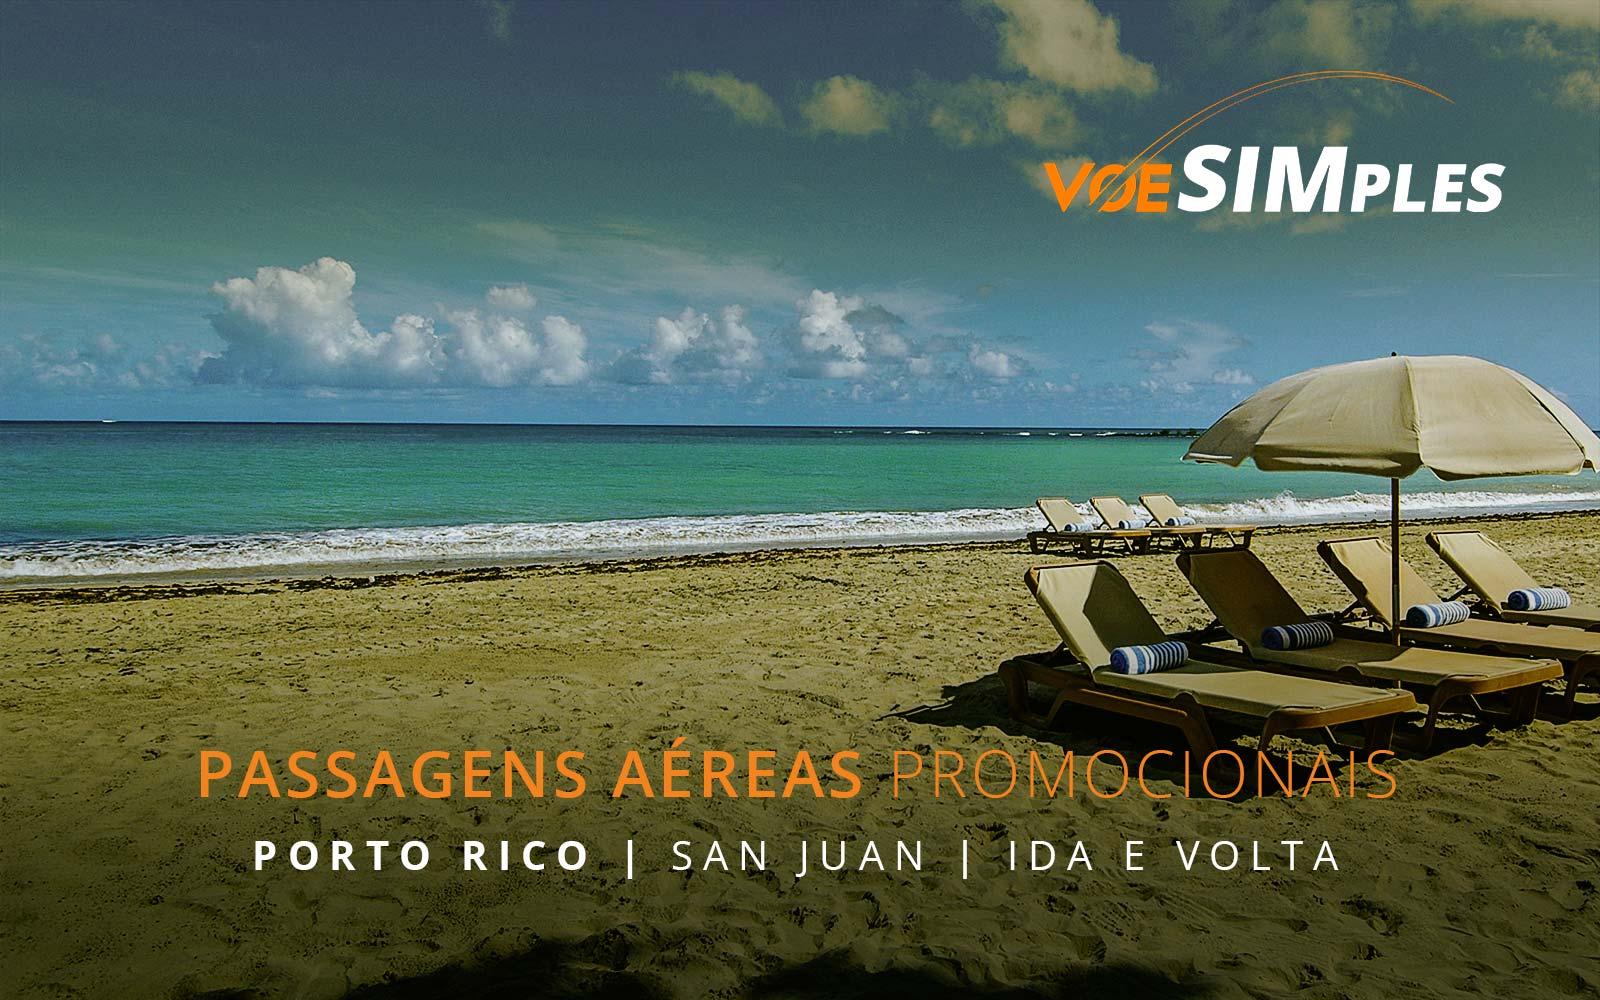 Passagens aéreas promocionais para San Juan em Porto Rico